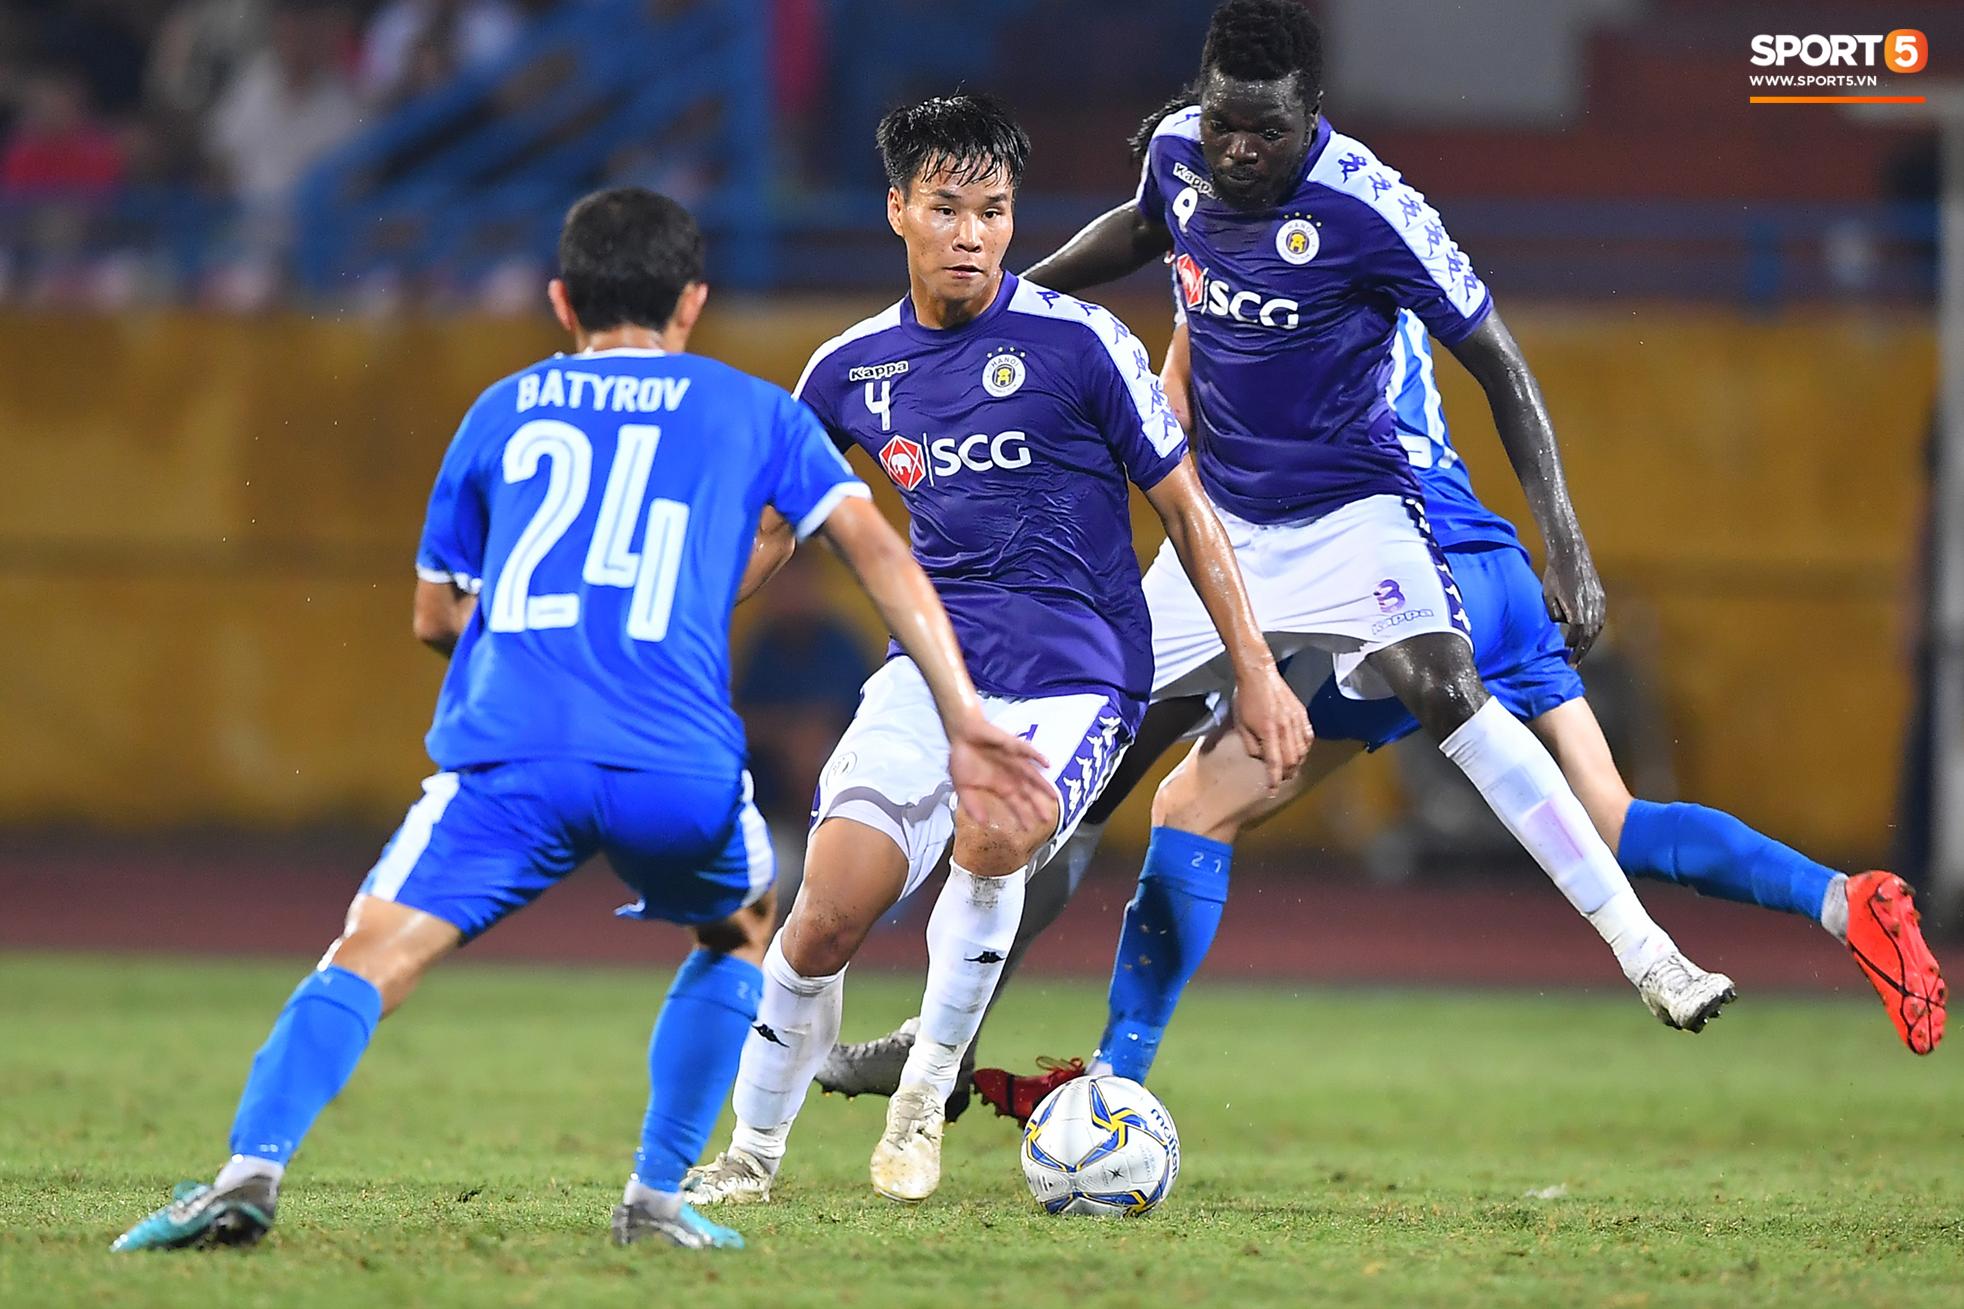 Dàn cầu thủ sinh vào tháng 4 của Việt Nam: Ghép lại sơ sơ cũng được một đội hình rất gì và này nọ-2